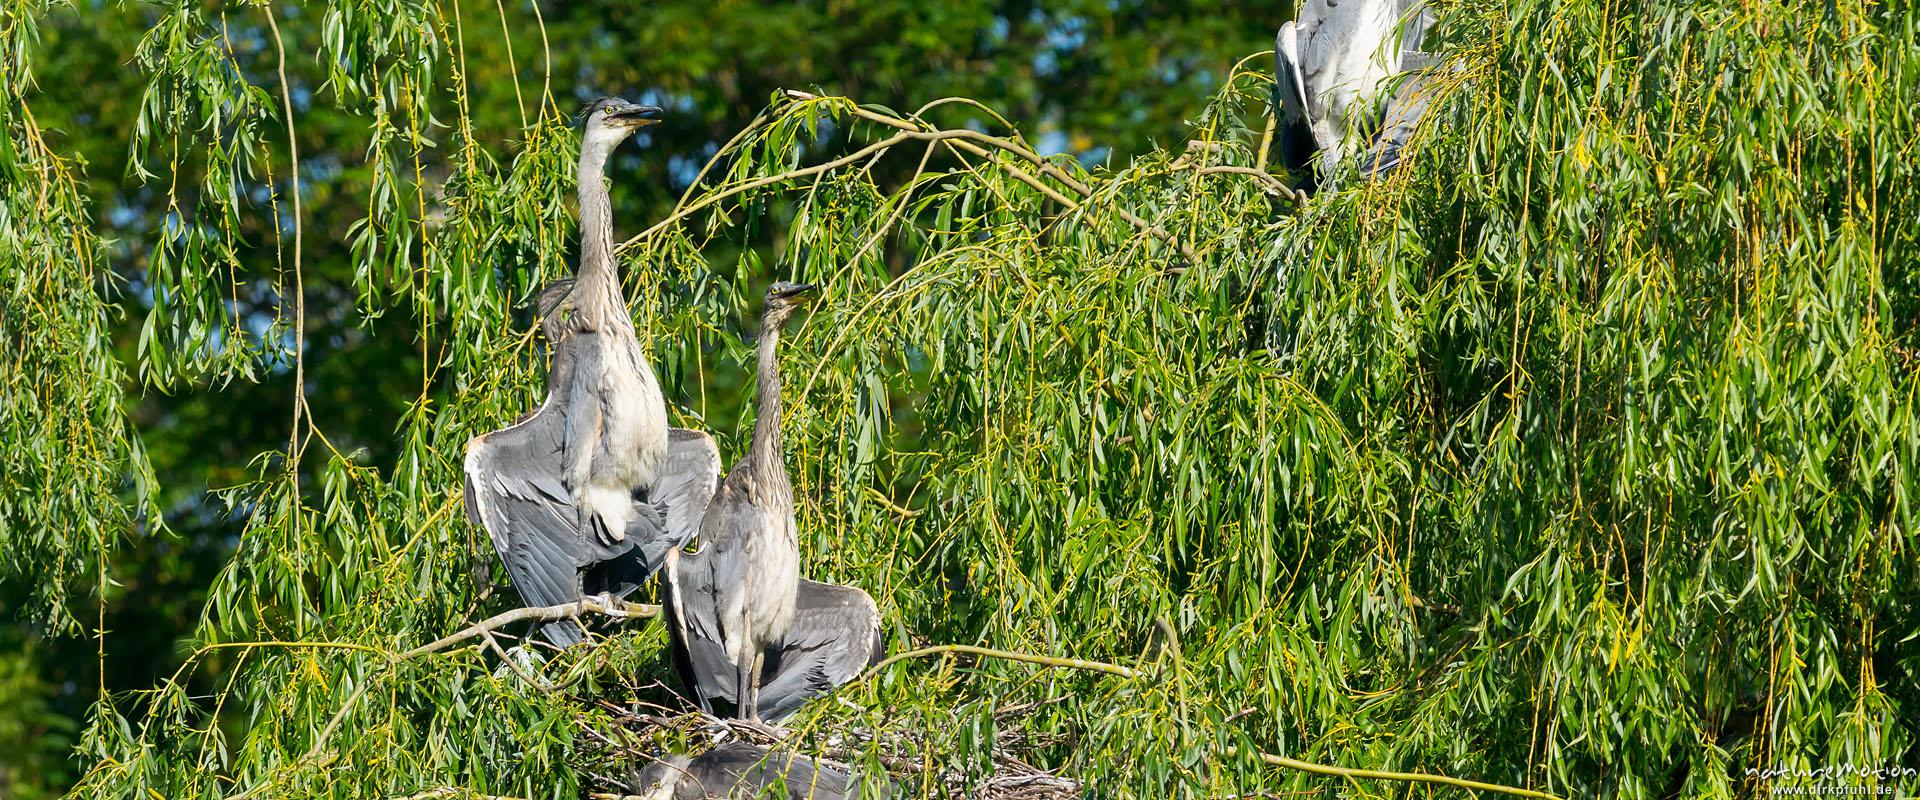 Graureiher, Ardea cinerea, Ardeidae, Jungtiere im Nest, Sonnenbad mit halb ausgebreiteten Schwingen, Levinscher Park, Göttingen